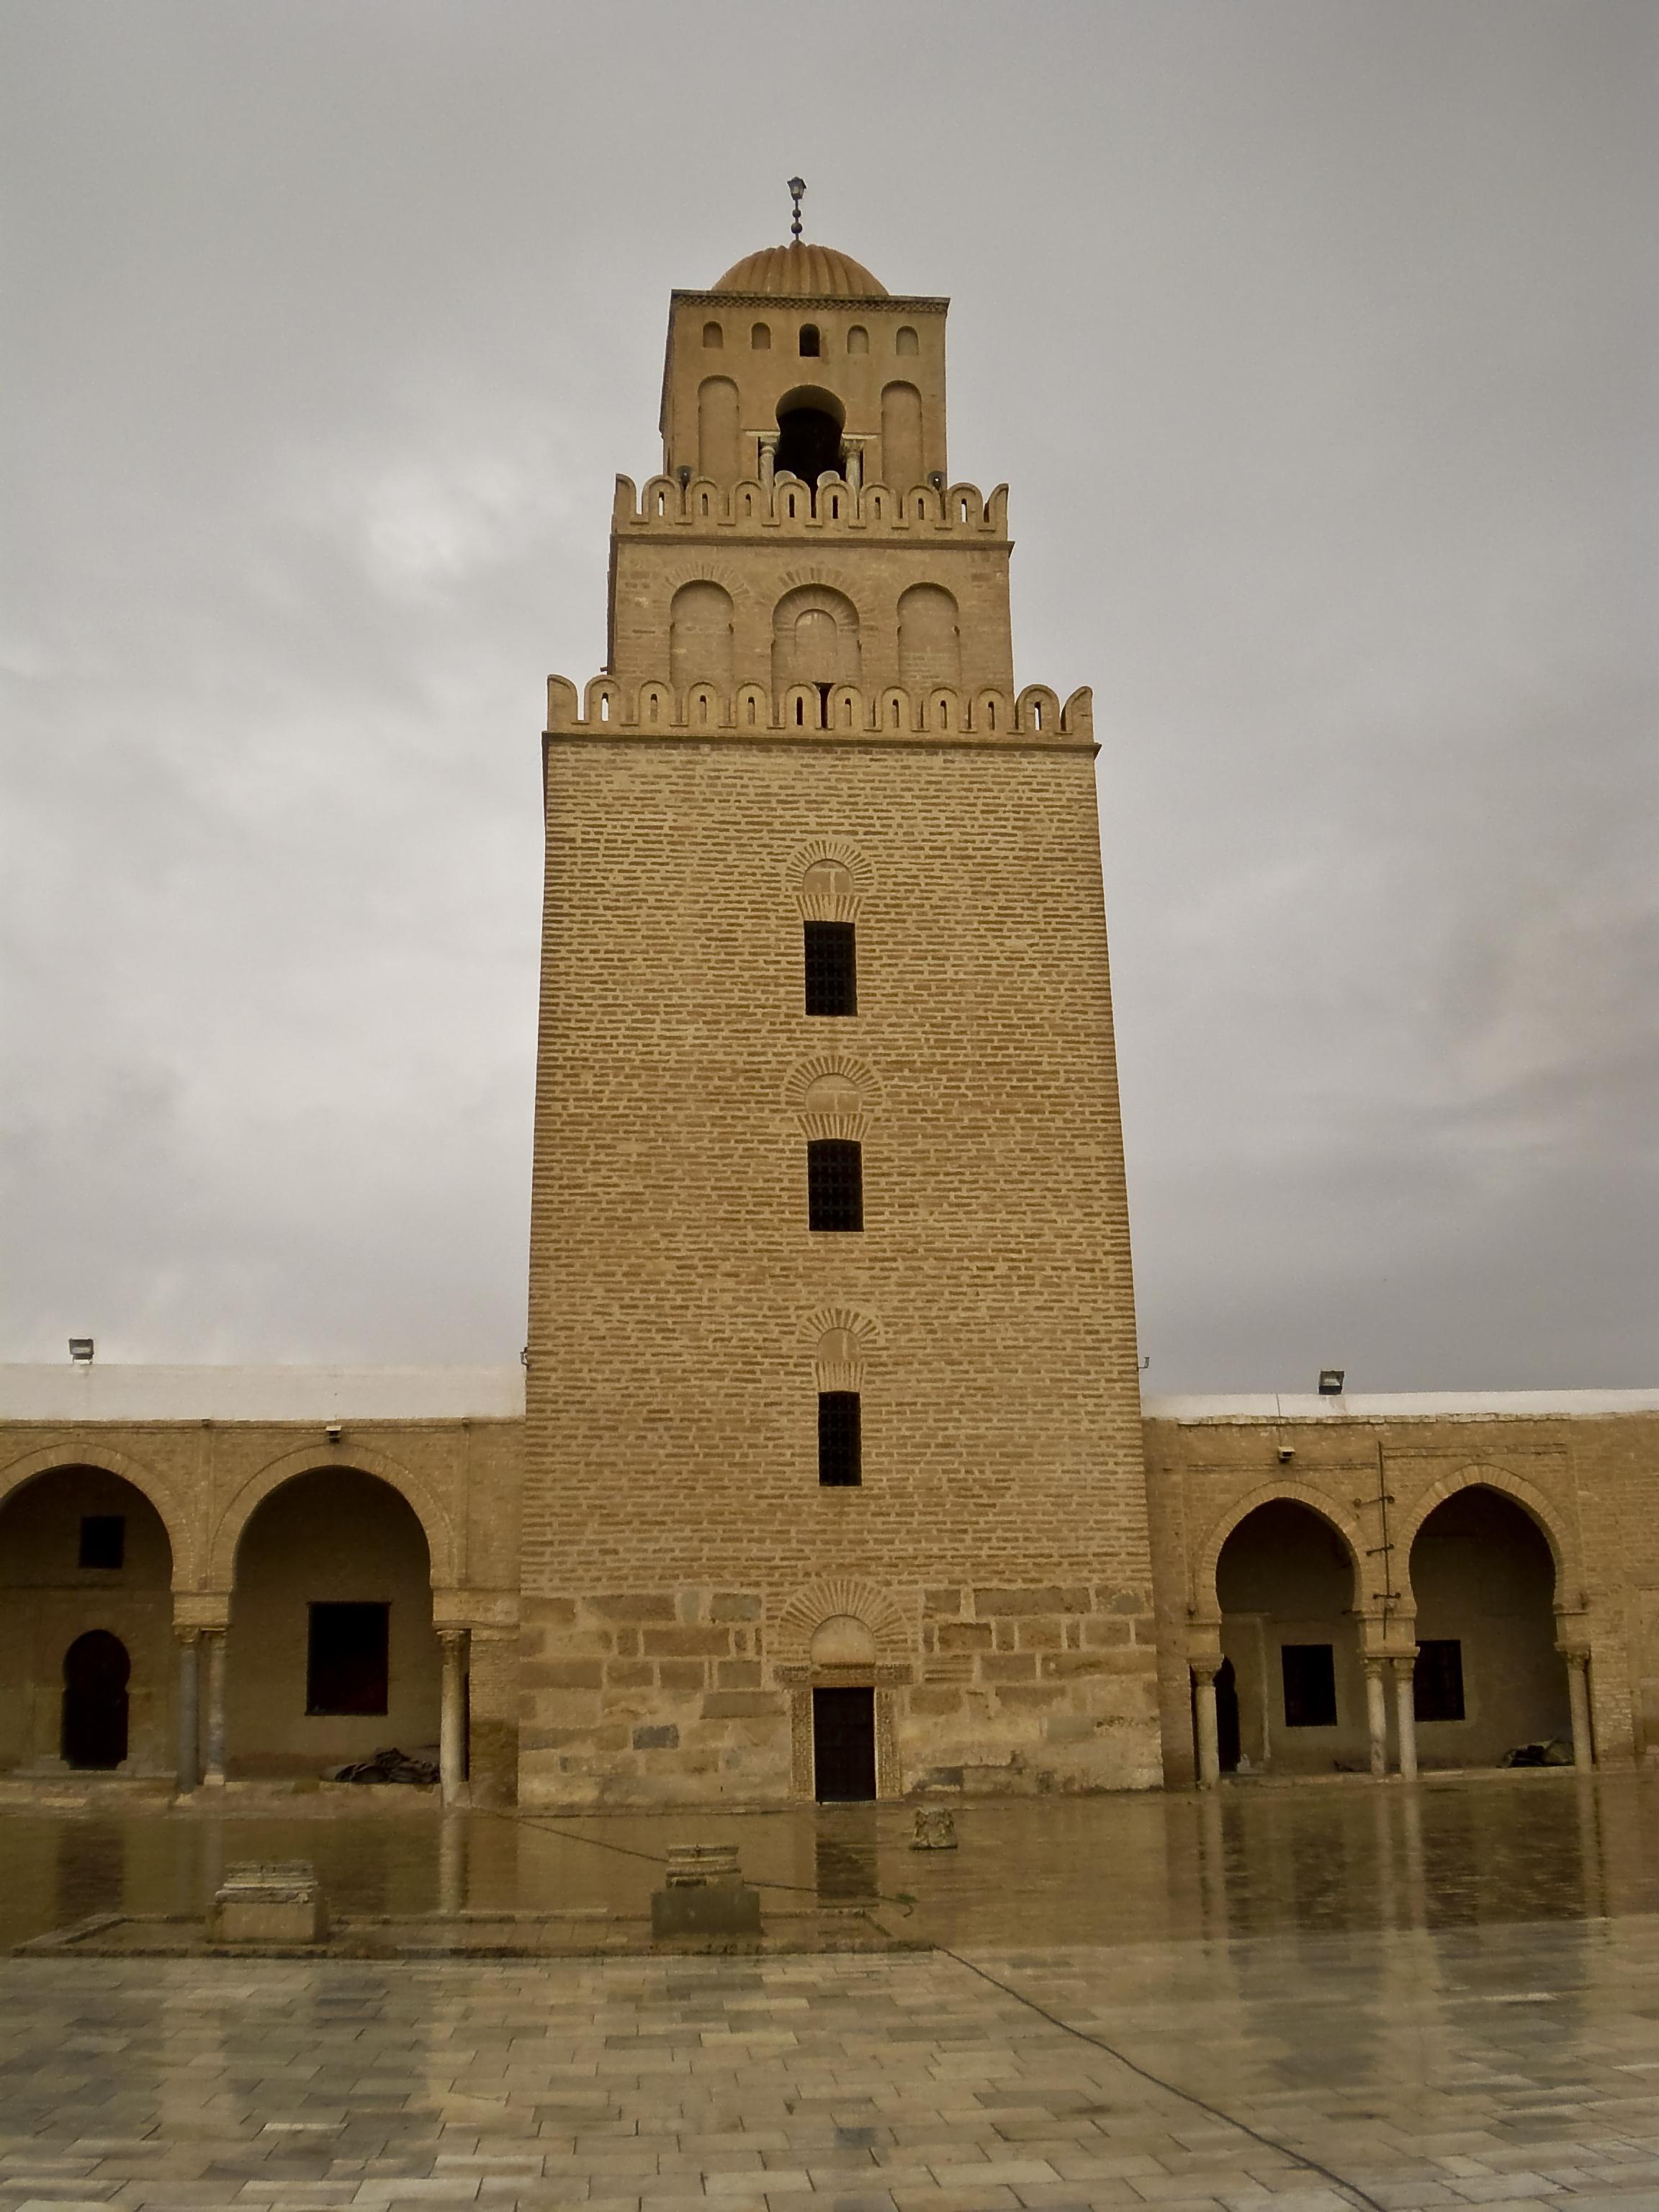 Mosque Kairouan Kairouan_mosque_sept_2008.jpg